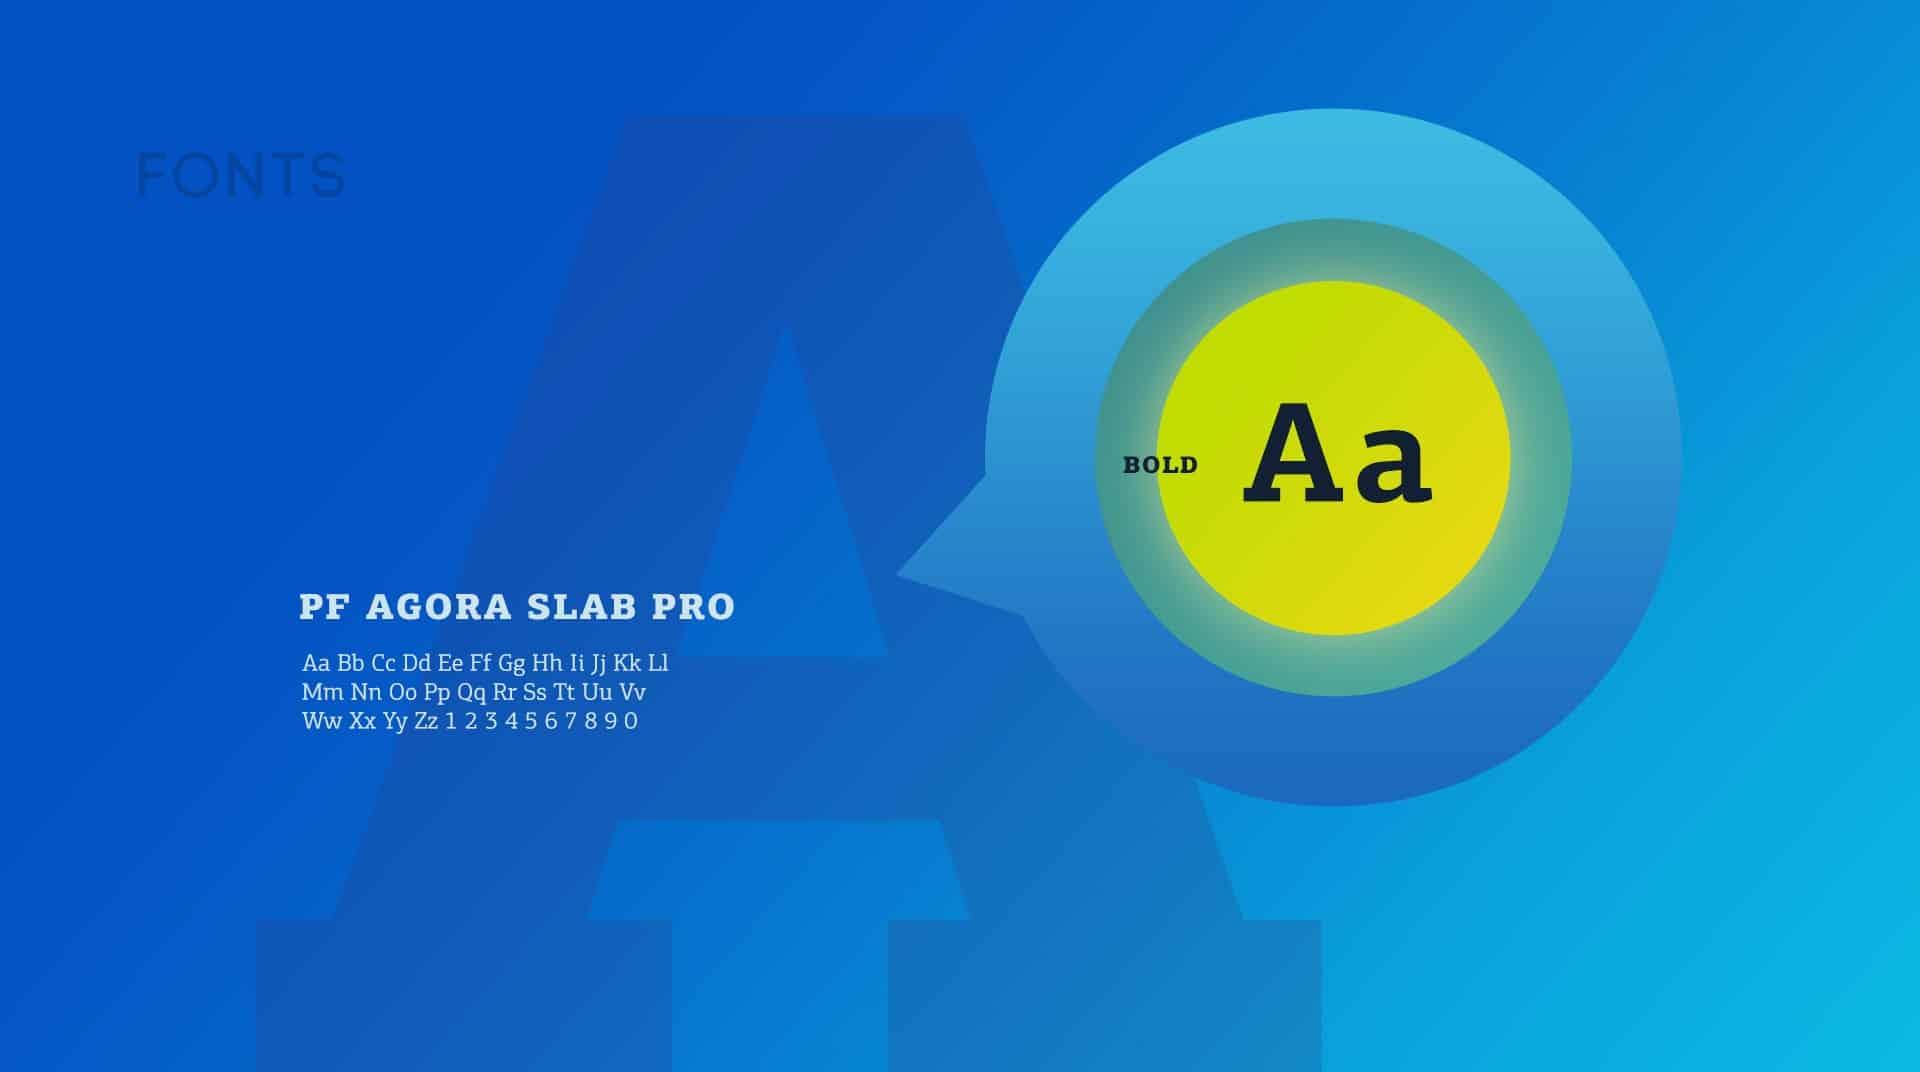 В ходе создания брендбука мы подбираем идеально подходящие шрифты, которые сочетаются с общим дизайном фирменного стиля